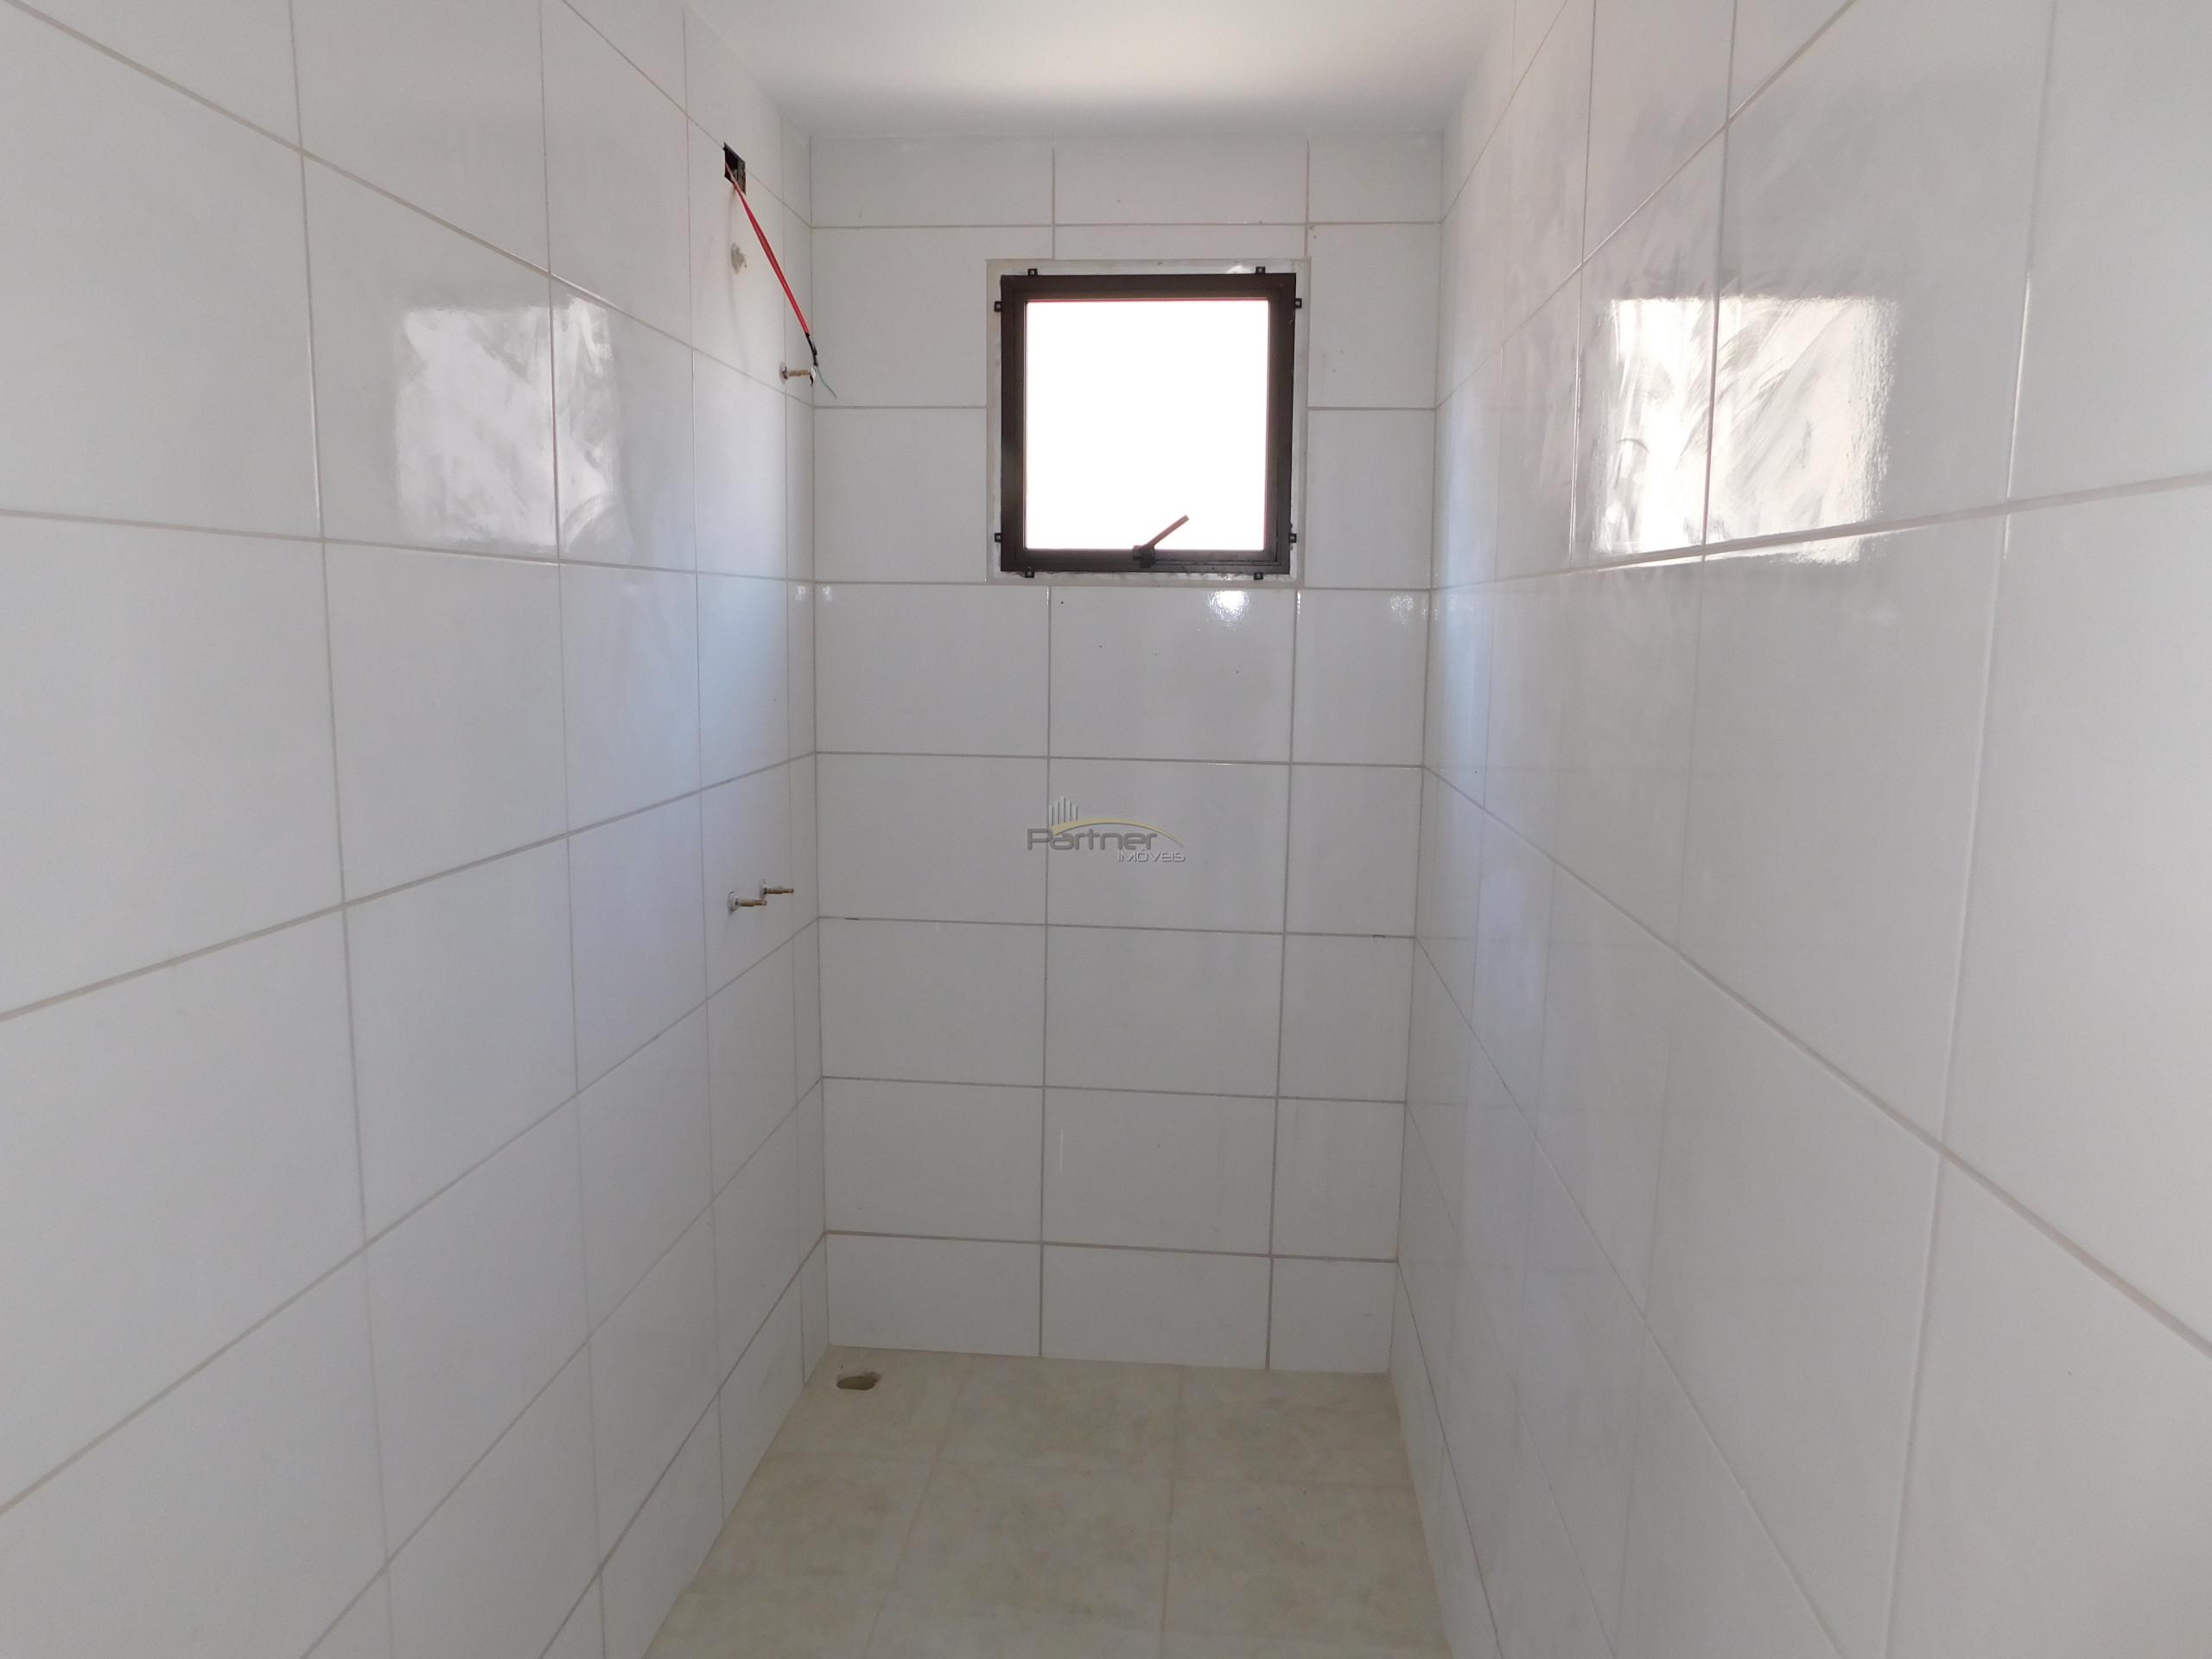 Foto 14 - APARTAMENTO em CURITIBA - PR, no bairro Portão - Referência N0629